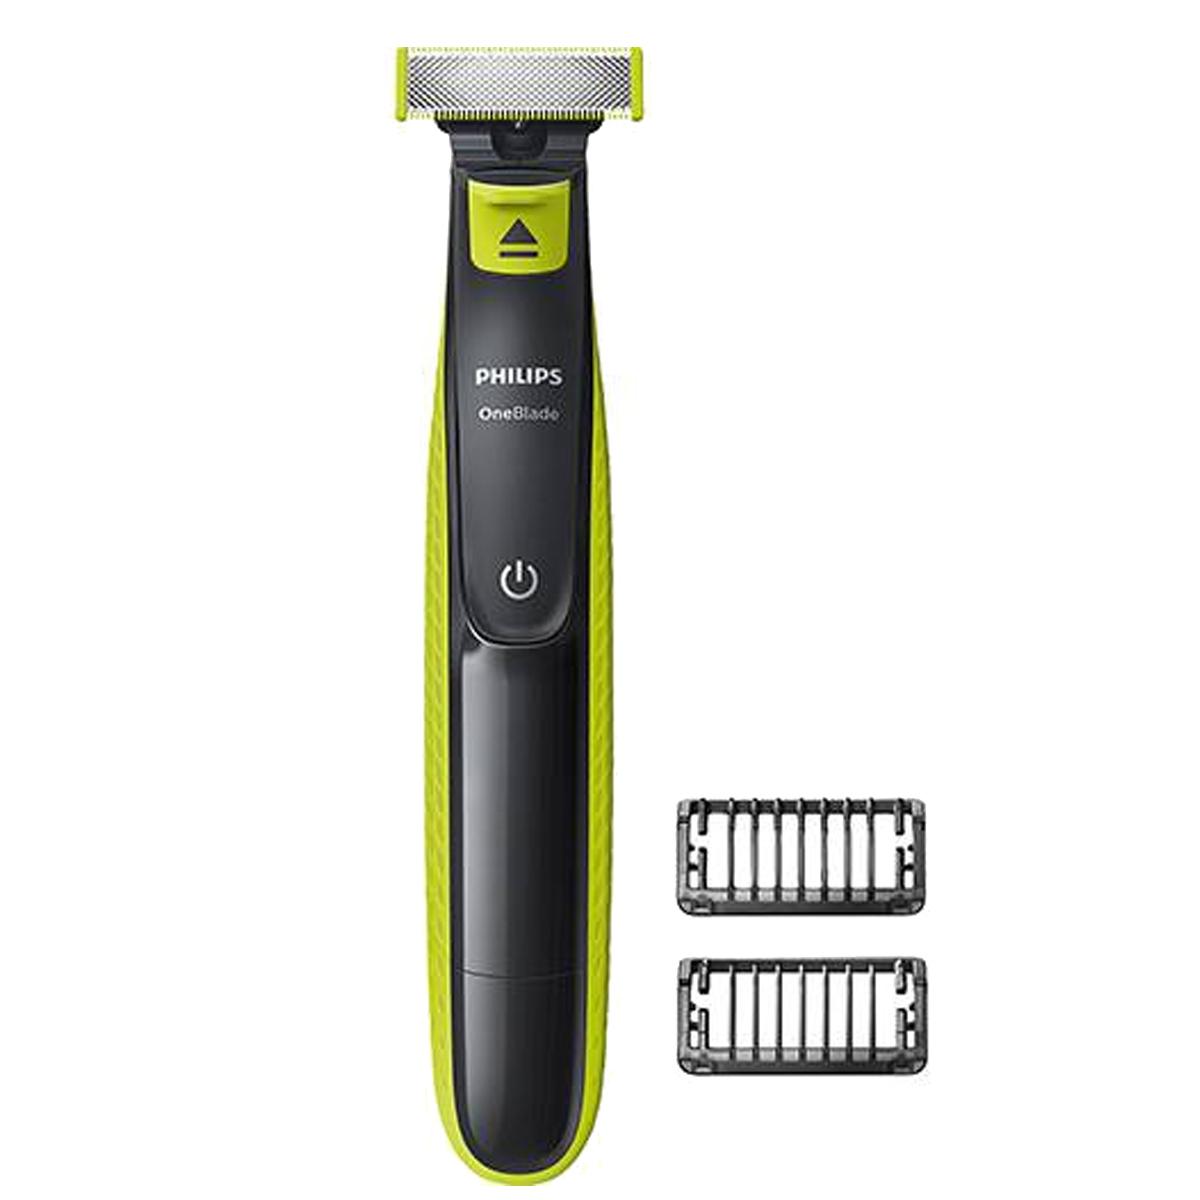 Aparelho de Barbear Recarregável Philips Oneblade QP2521/10 1 Unidade